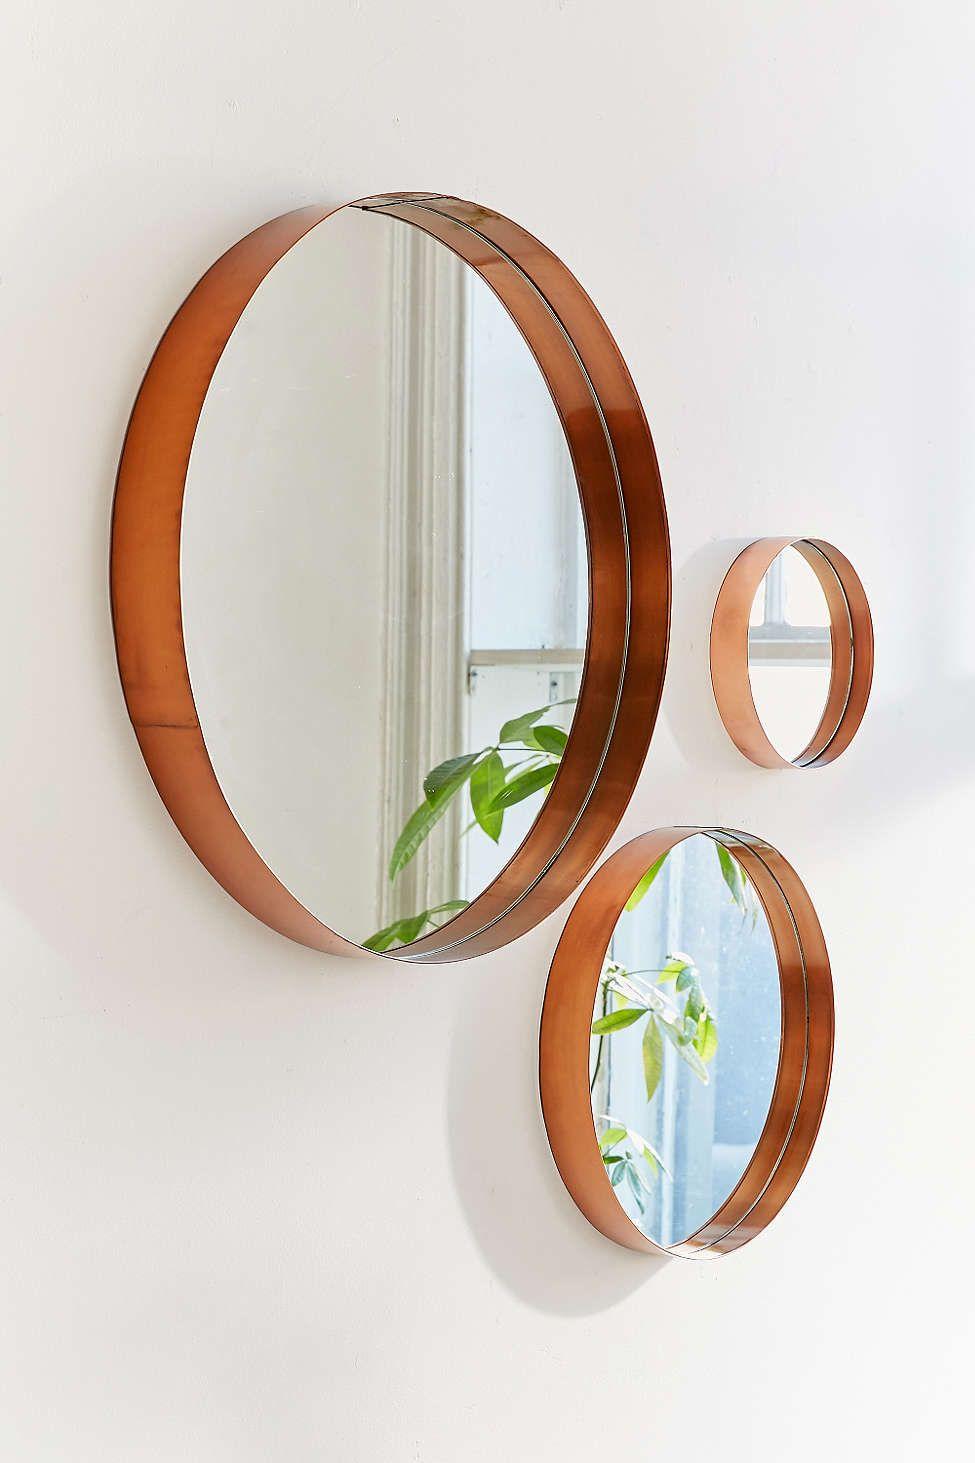 Moldura redonda e moderna para espelhos